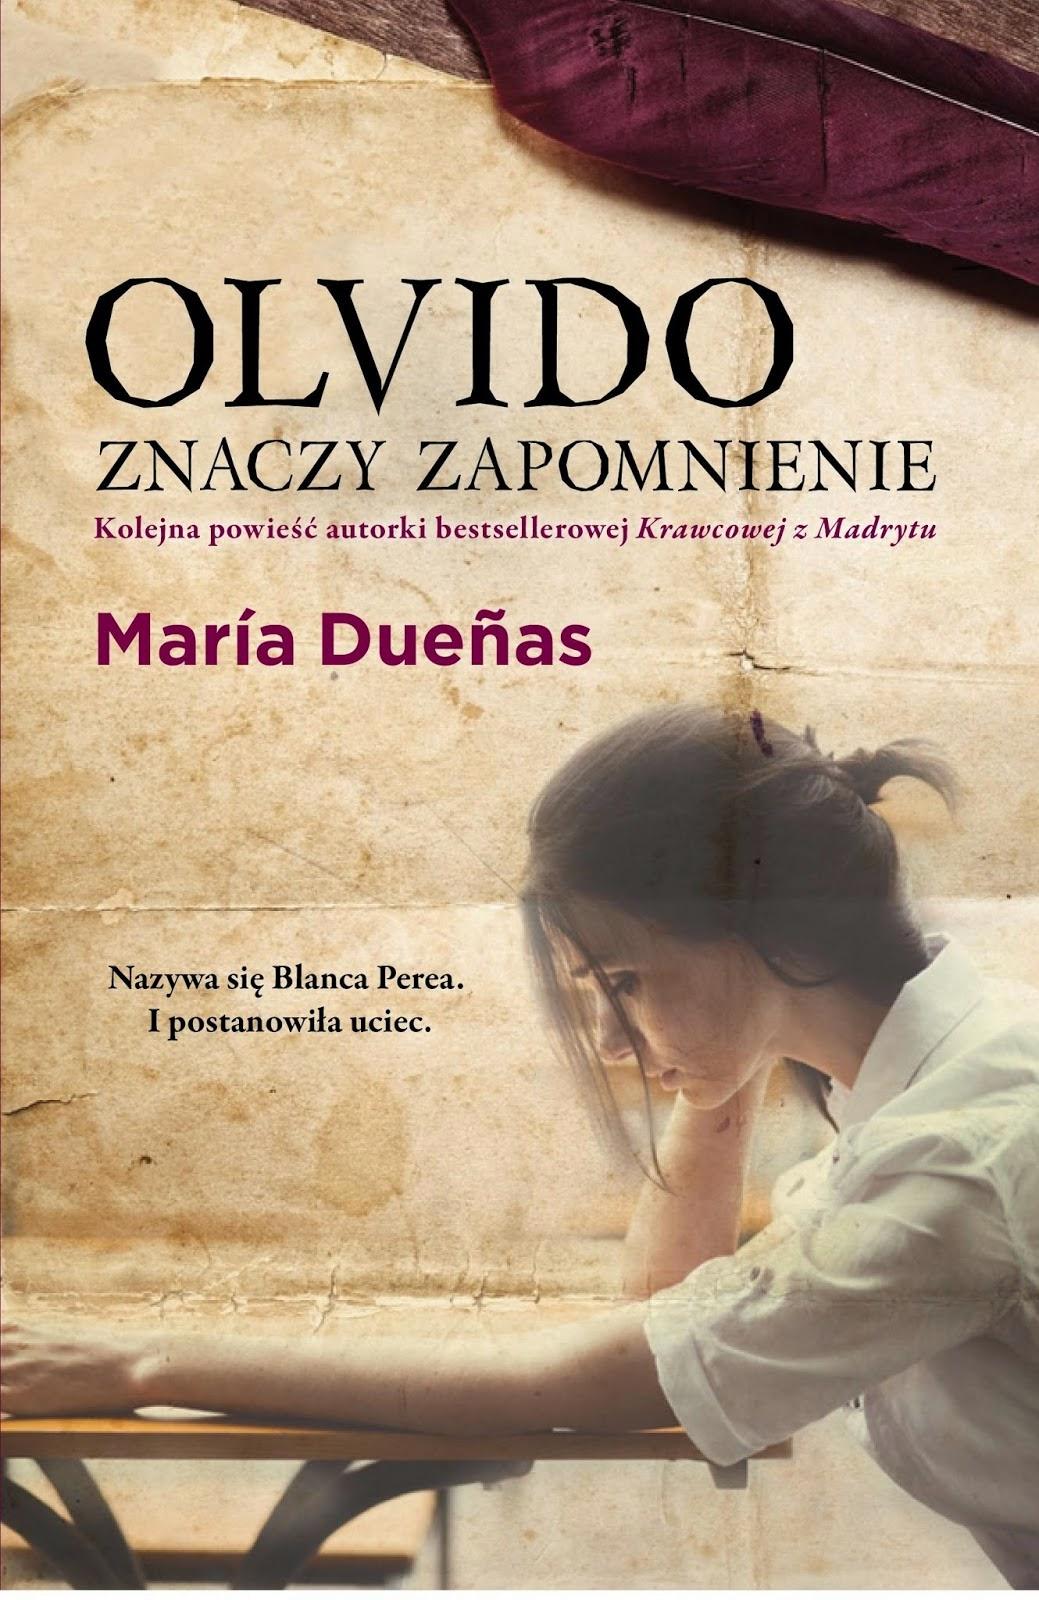 """65. """"Olvido znaczy zapomnienie"""" Maria Duenas"""